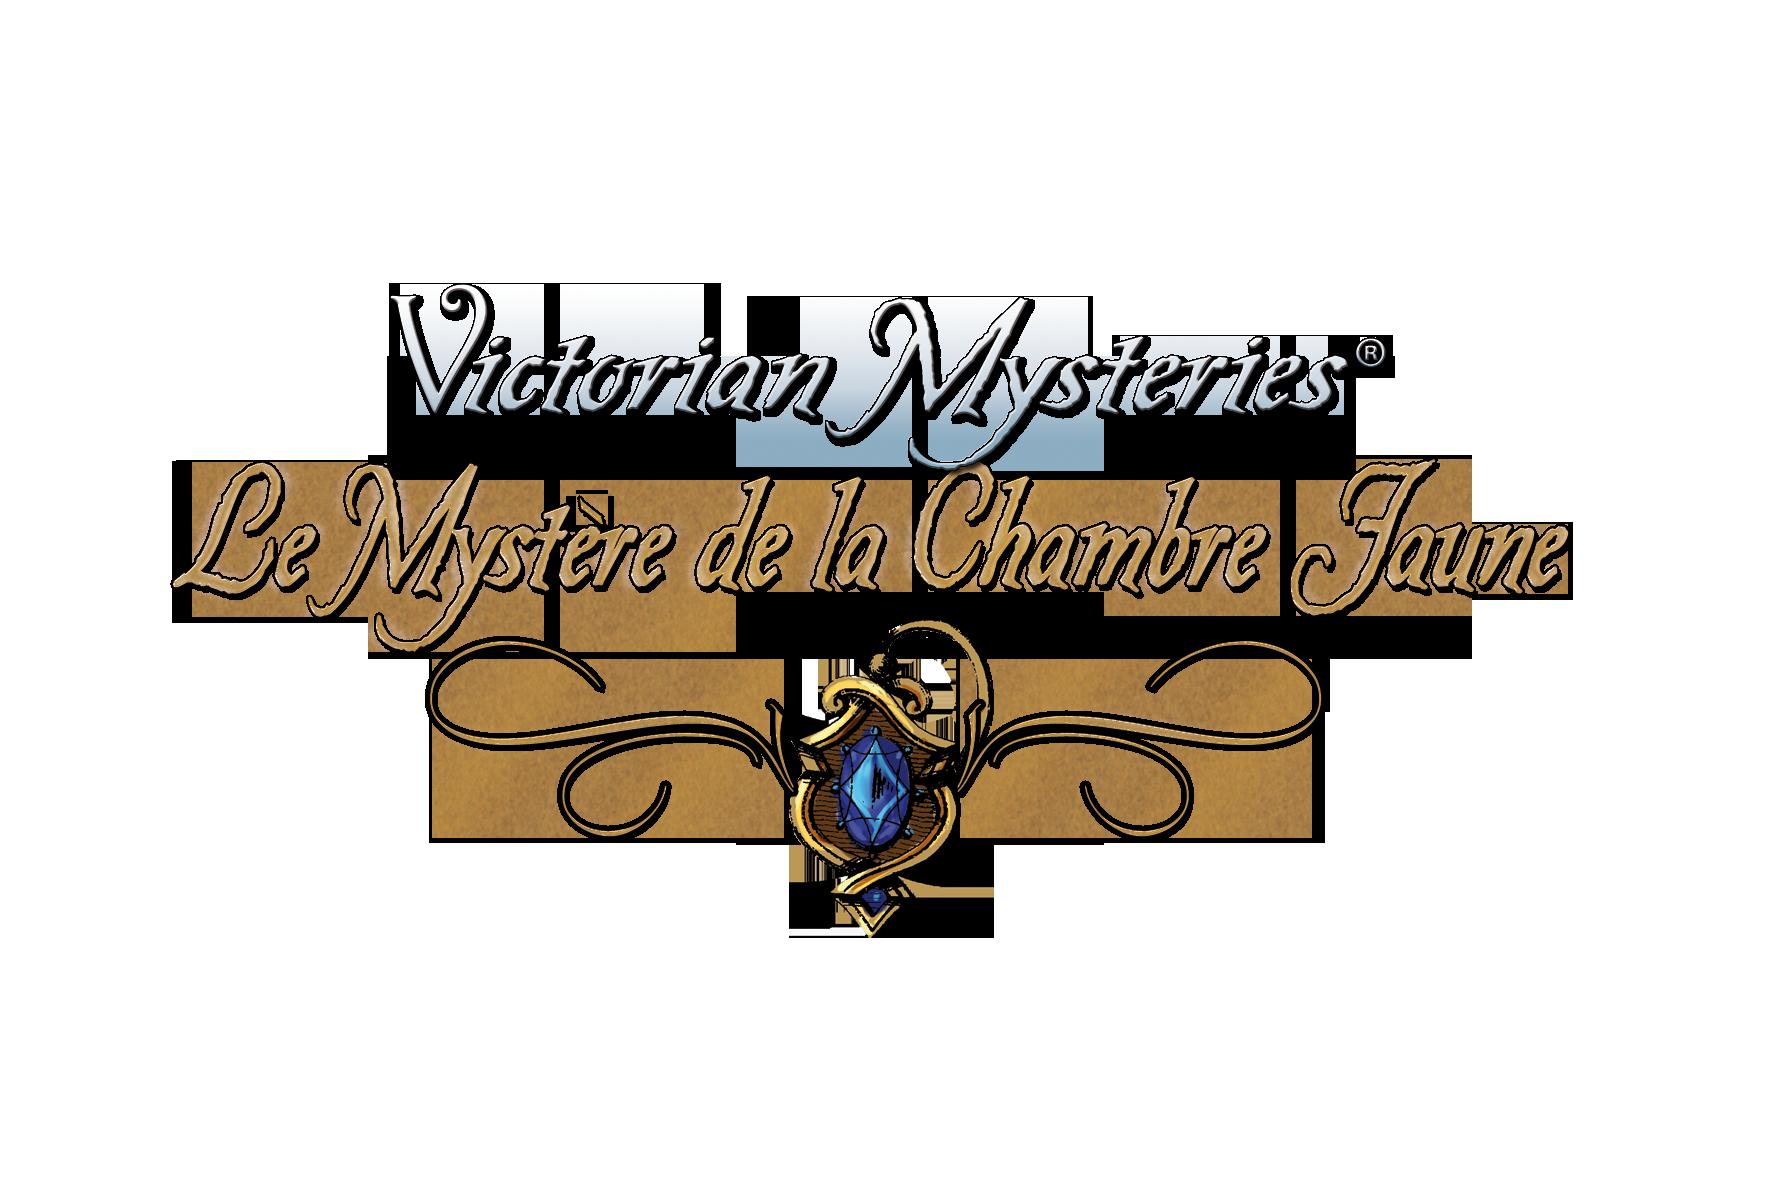 Victorian Mysteries Le Myst¨re de la Chambre Jaune Enigmes et